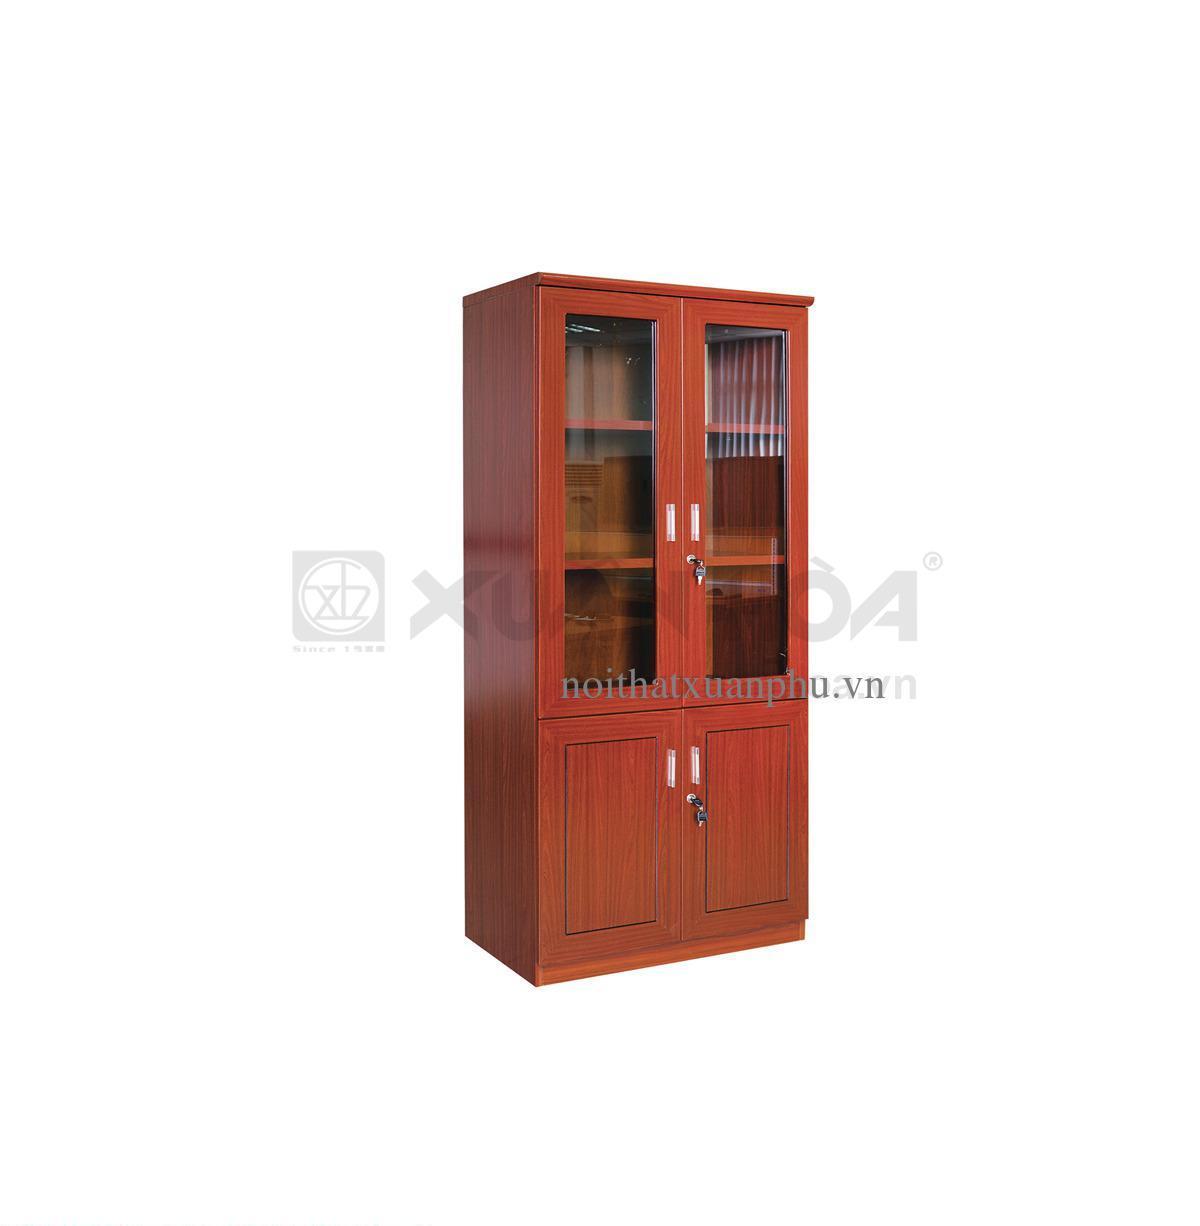 Tủ gỗ sơn TGD-01-00-PU